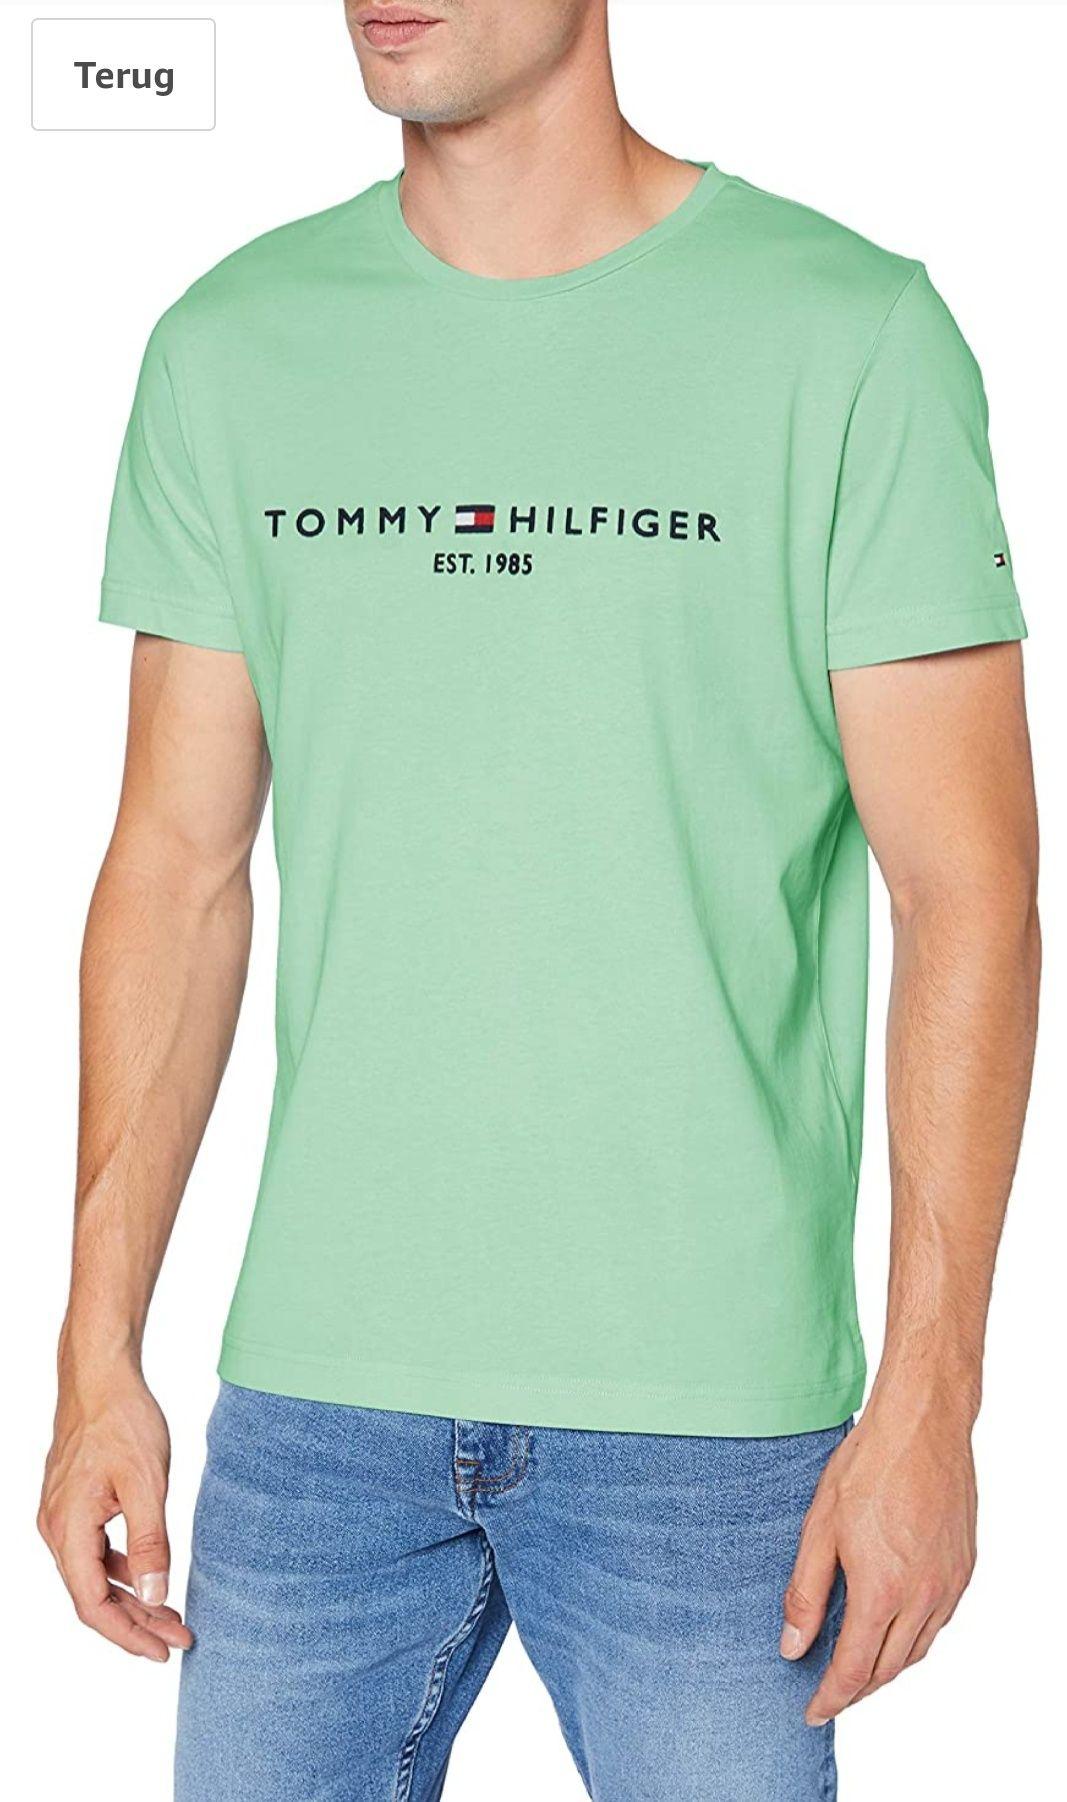 Tommy Hilfiger T-shirt (Mint Groen)